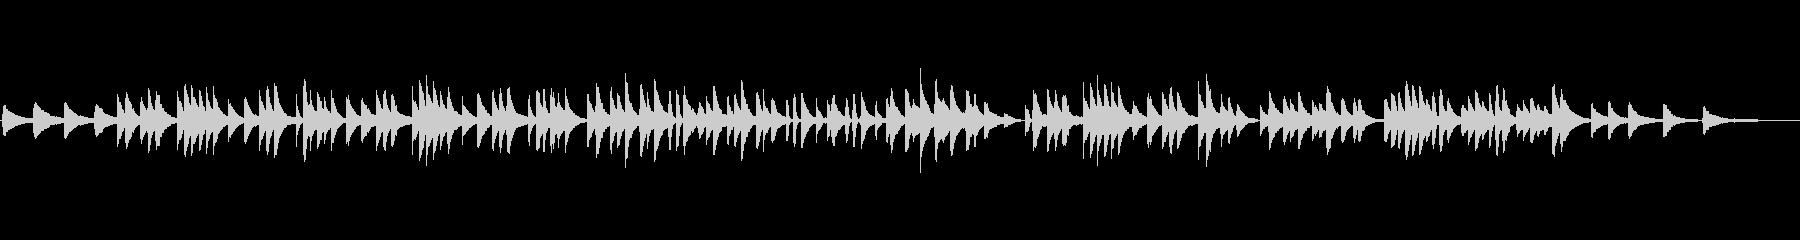 クラシックピアノ「日曜日の朝」の未再生の波形